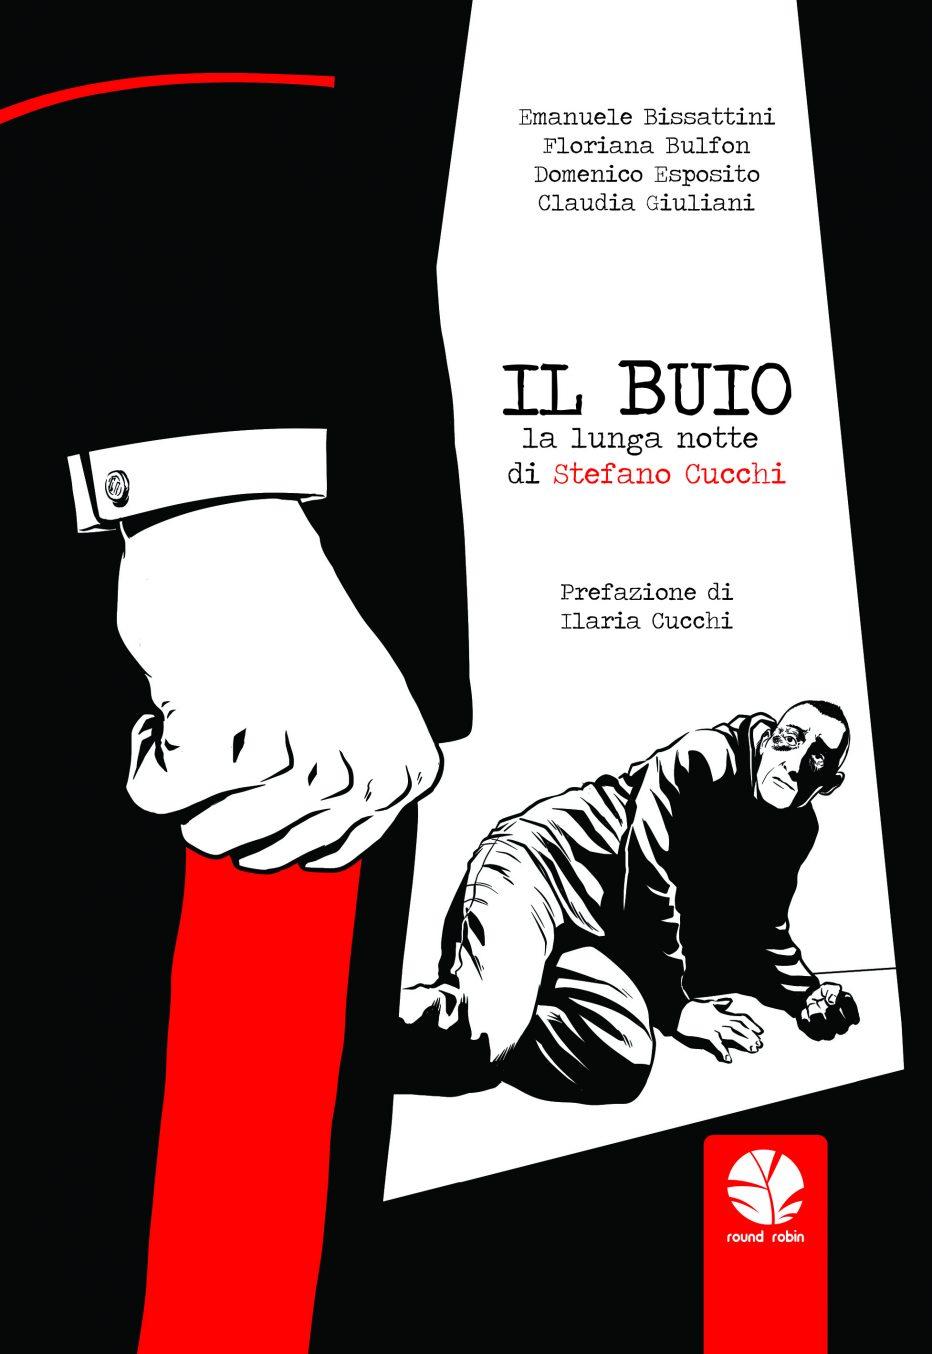 Il buio, la lunga notte di Stefano Cucchi – ce ne parla lo sceneggiatore